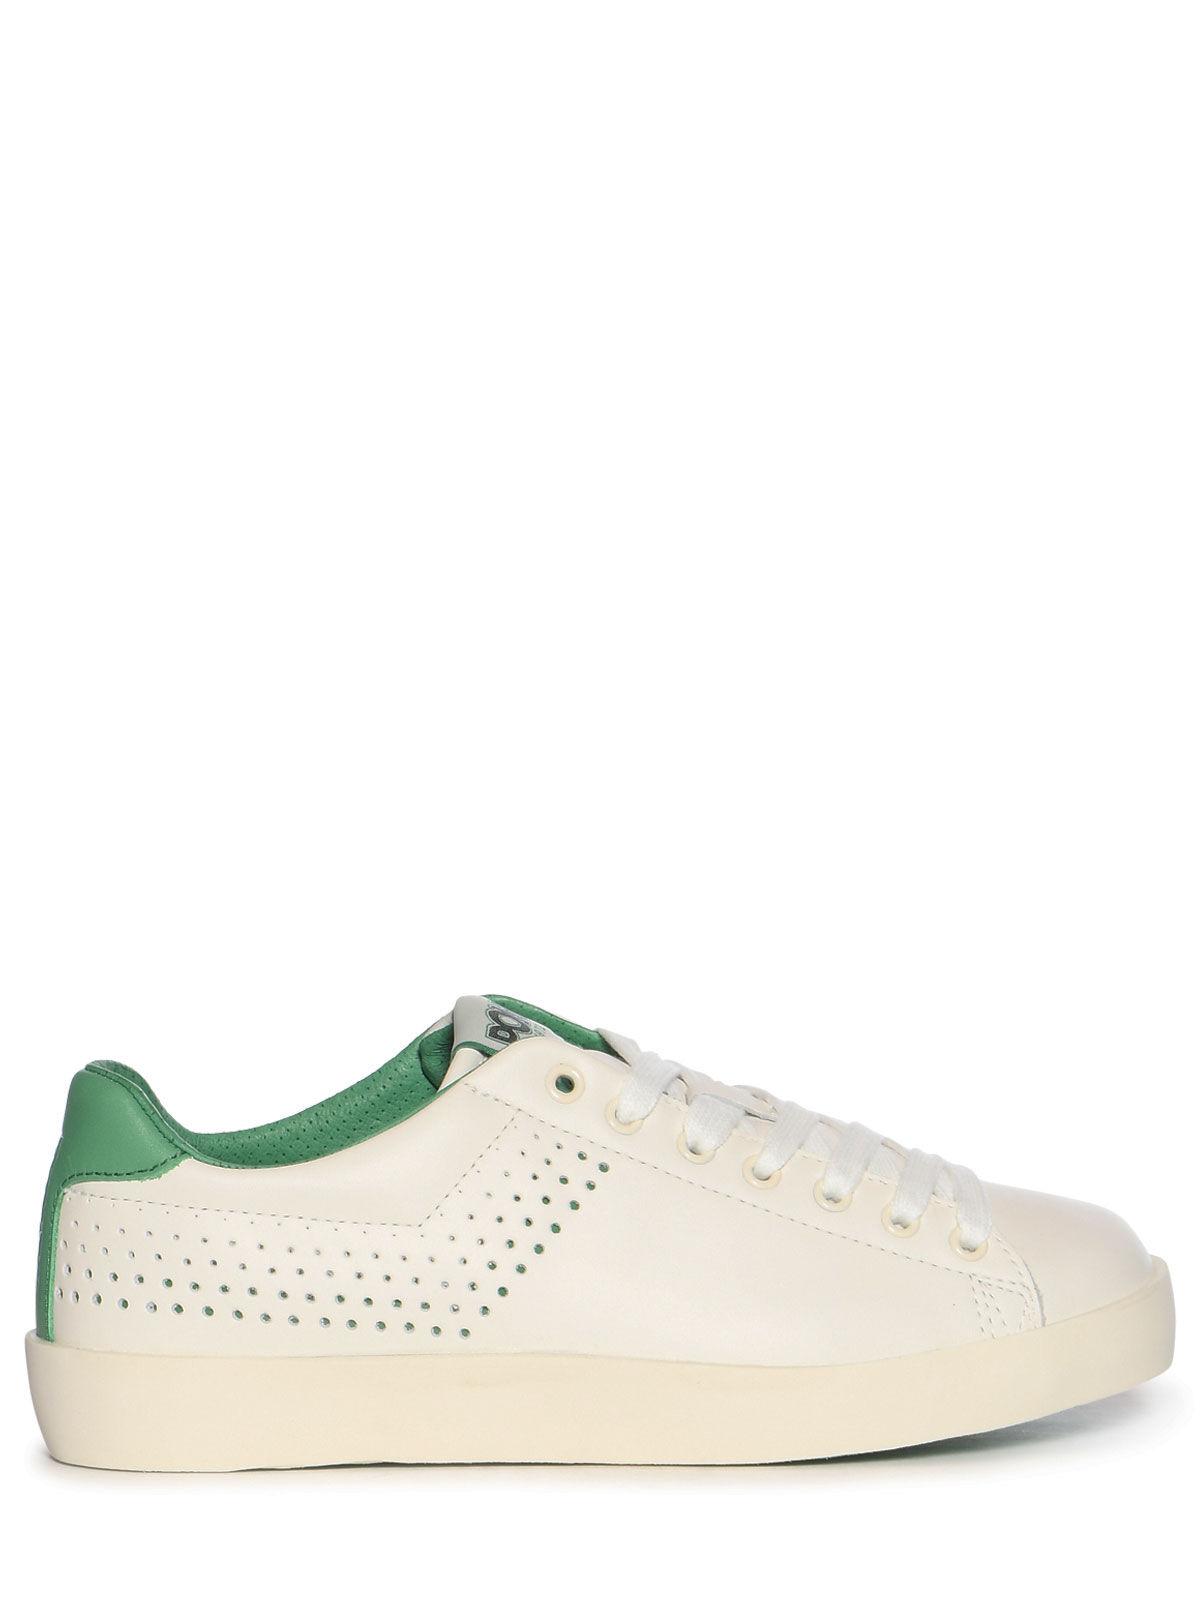 Pony Sneaker Aurora weiß/grün | Dress